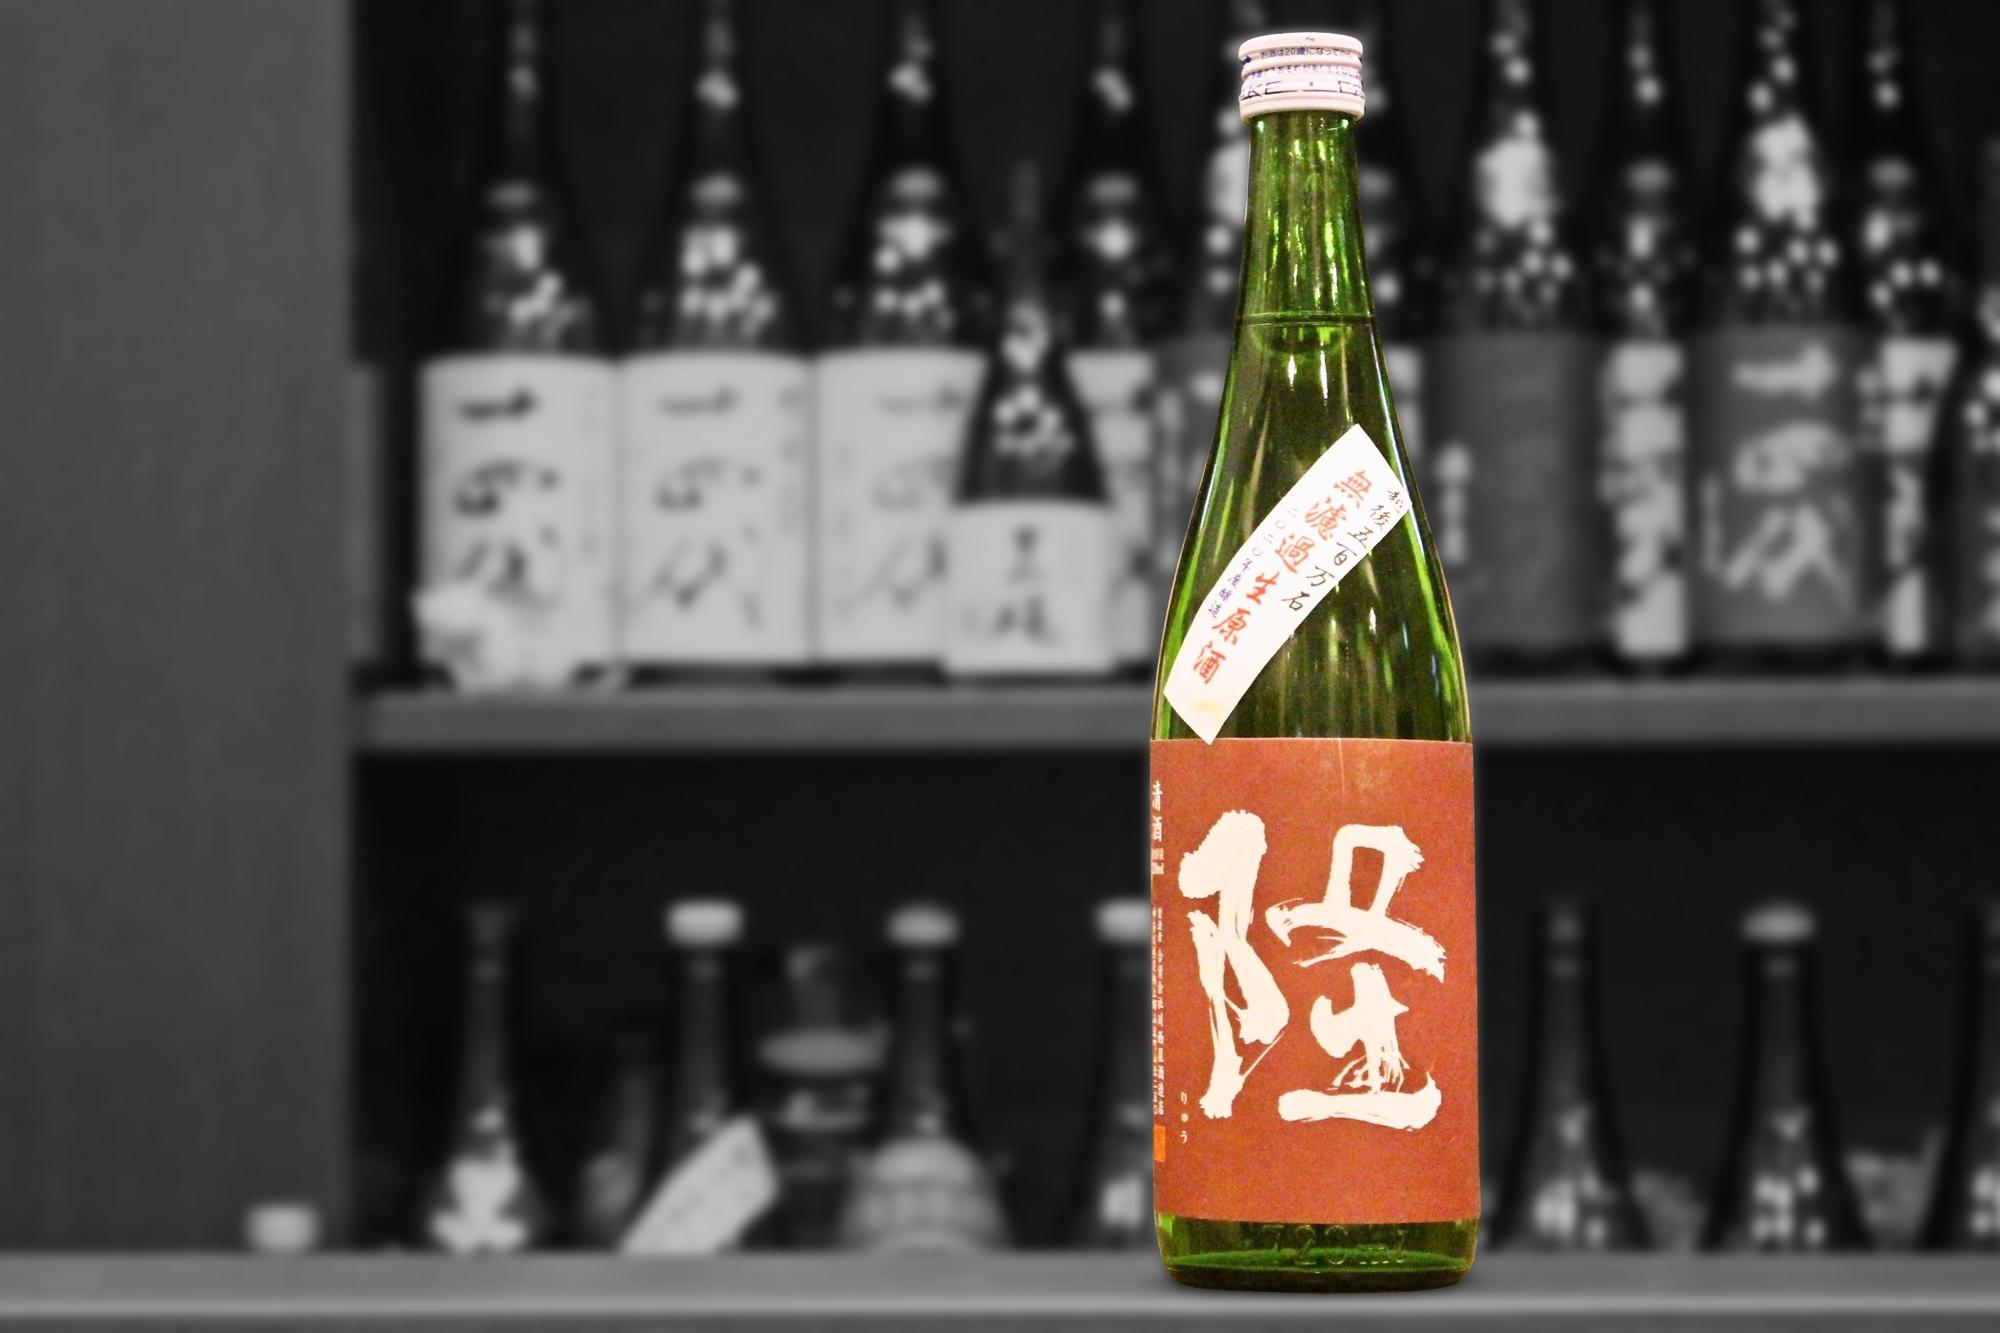 隆純米吟醸無濾過生原酒202101-001